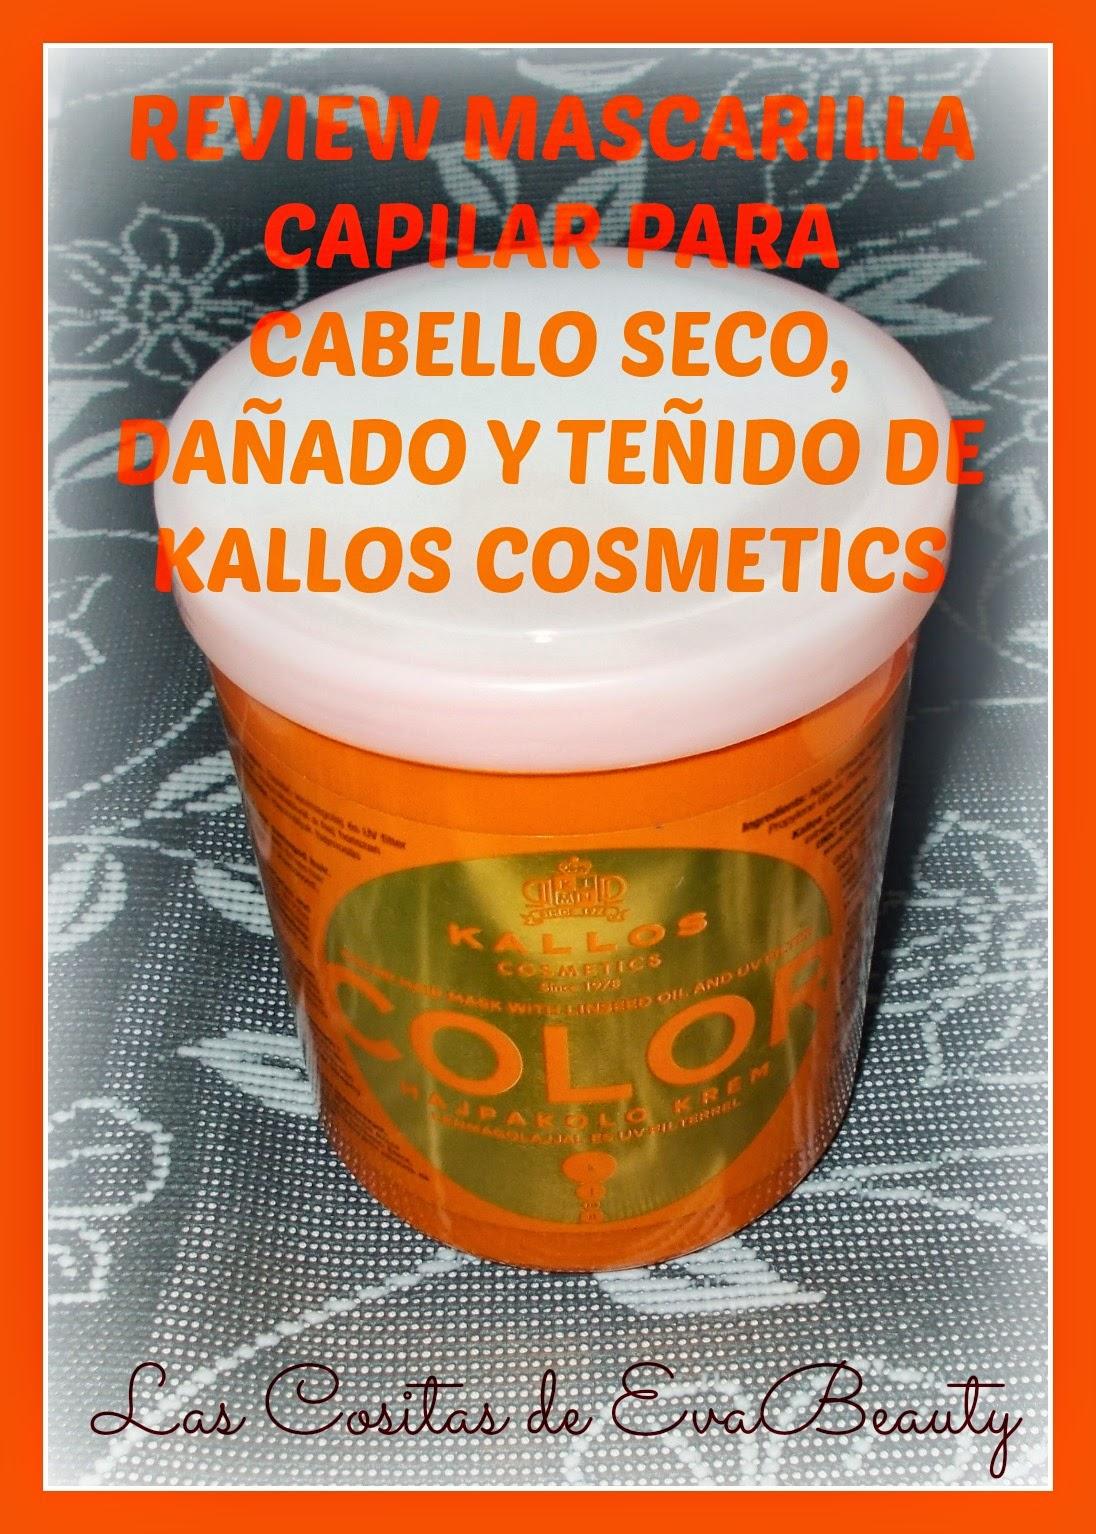 Review Mascarilla Capilar para Cabello Teñido, Dañado y/o seco de KALLOS Cosmetics.